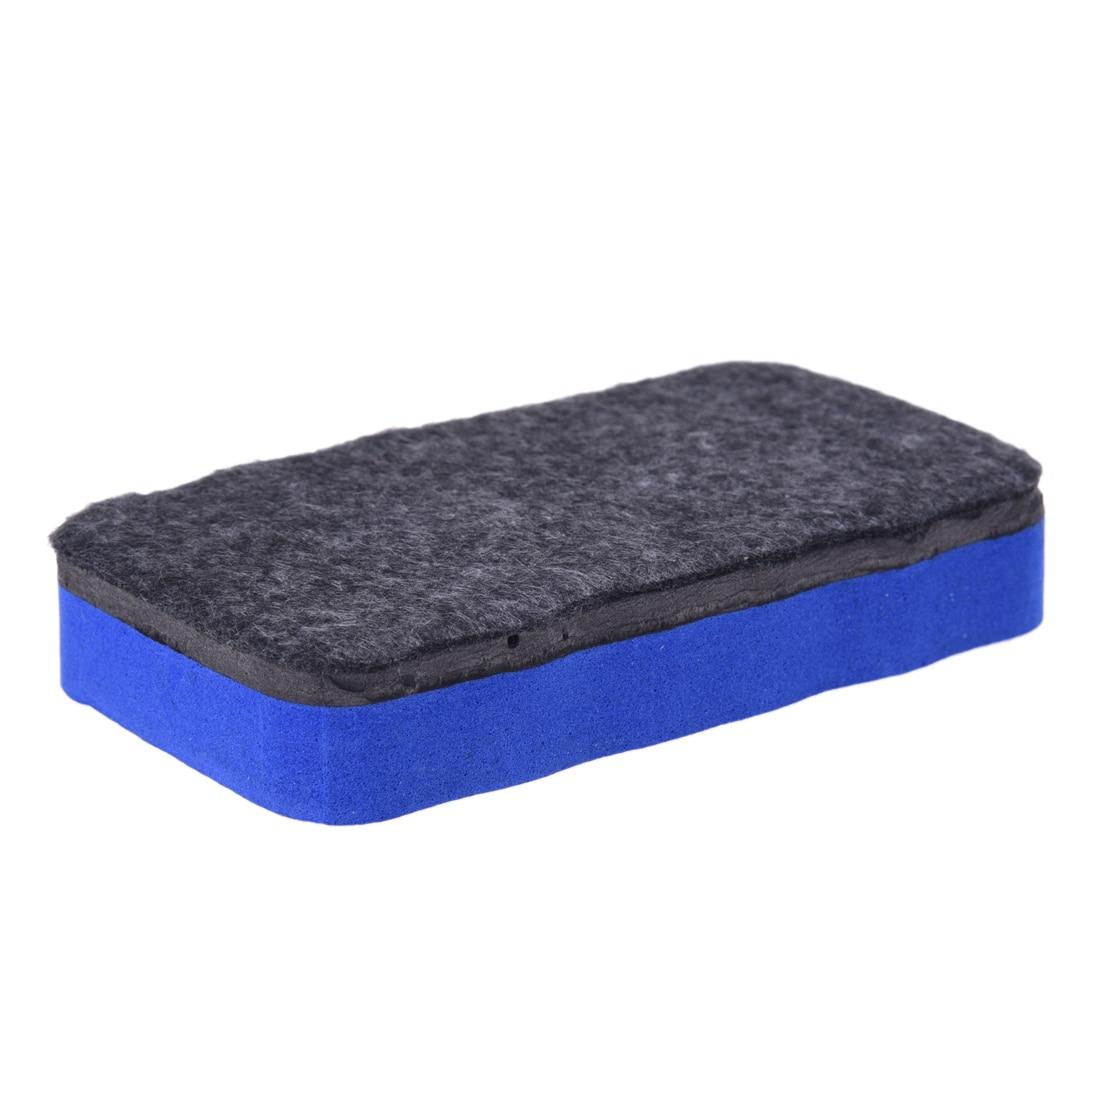 Magnetic Whiteboard Eraser Multi Color